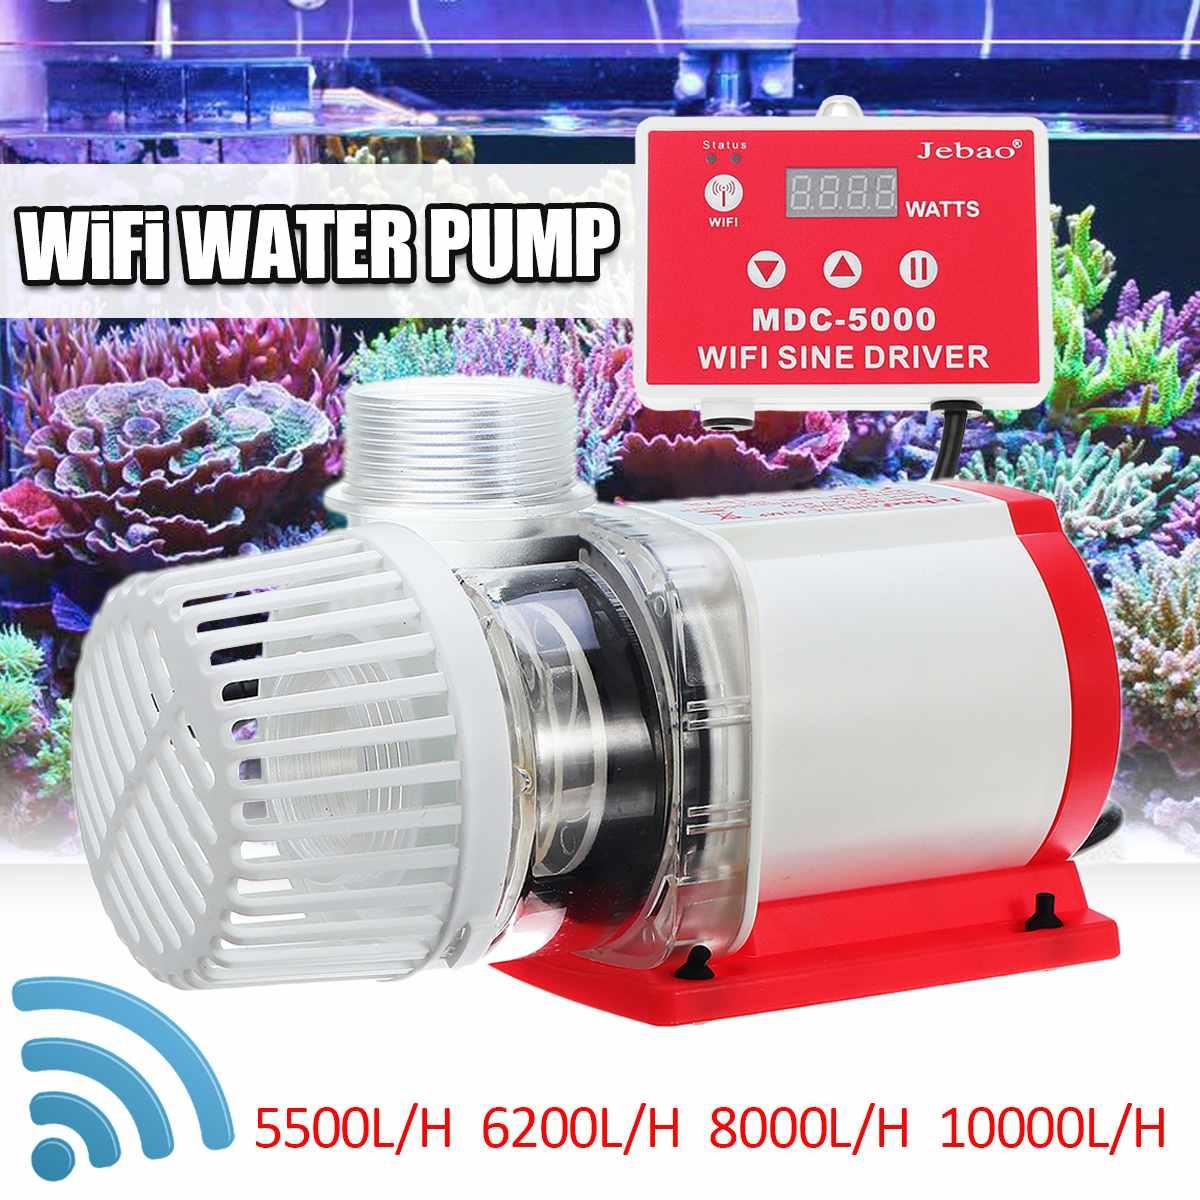 SUNSUN JDP pompe à eau à grand débit WiFi pompe à eau à courant continu contrôlable pour Aquarium Aquarium récif marin Kio pompe de Circulation de l'étang